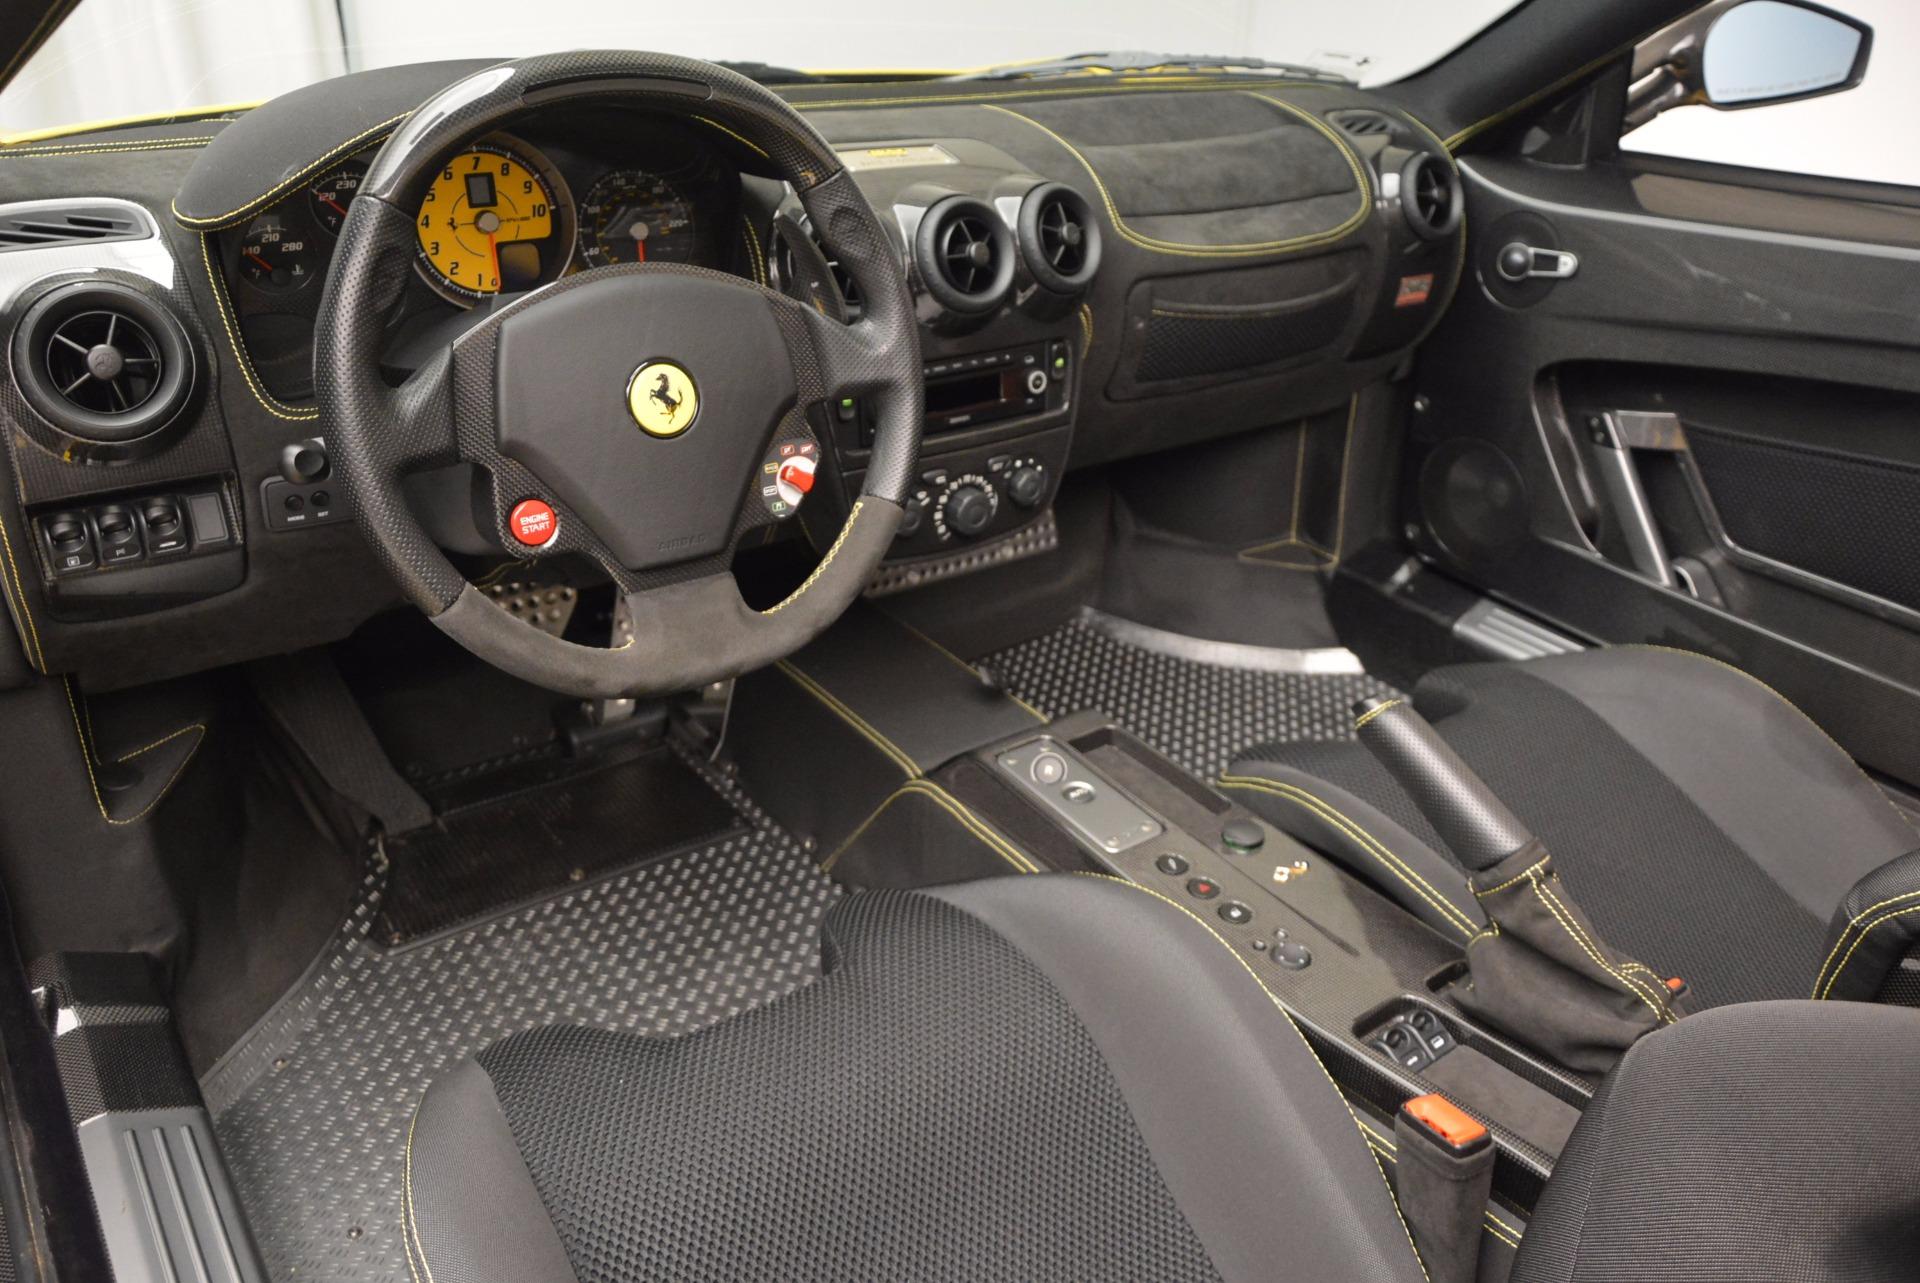 Used 2009 Ferrari F430 Scuderia 16M For Sale In Greenwich, CT 856_p25